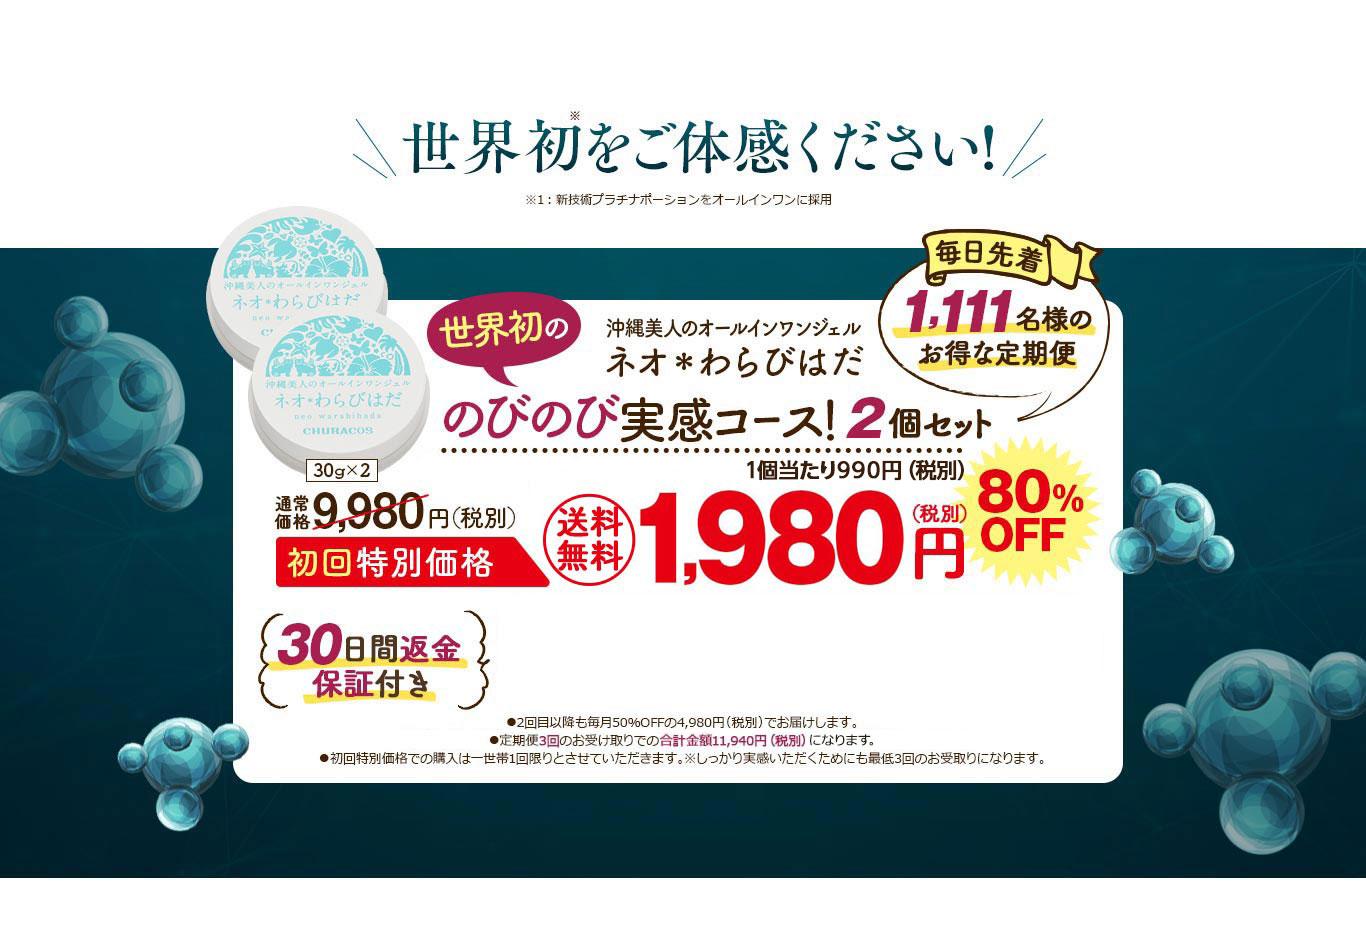 ネオ*わらびはだ 毎月先着3000名様のお得な定期便 世界初ののびのび実感コース!2個セット 82%OFF 1,780円(税抜) 送料無料 30日間返金保証付き